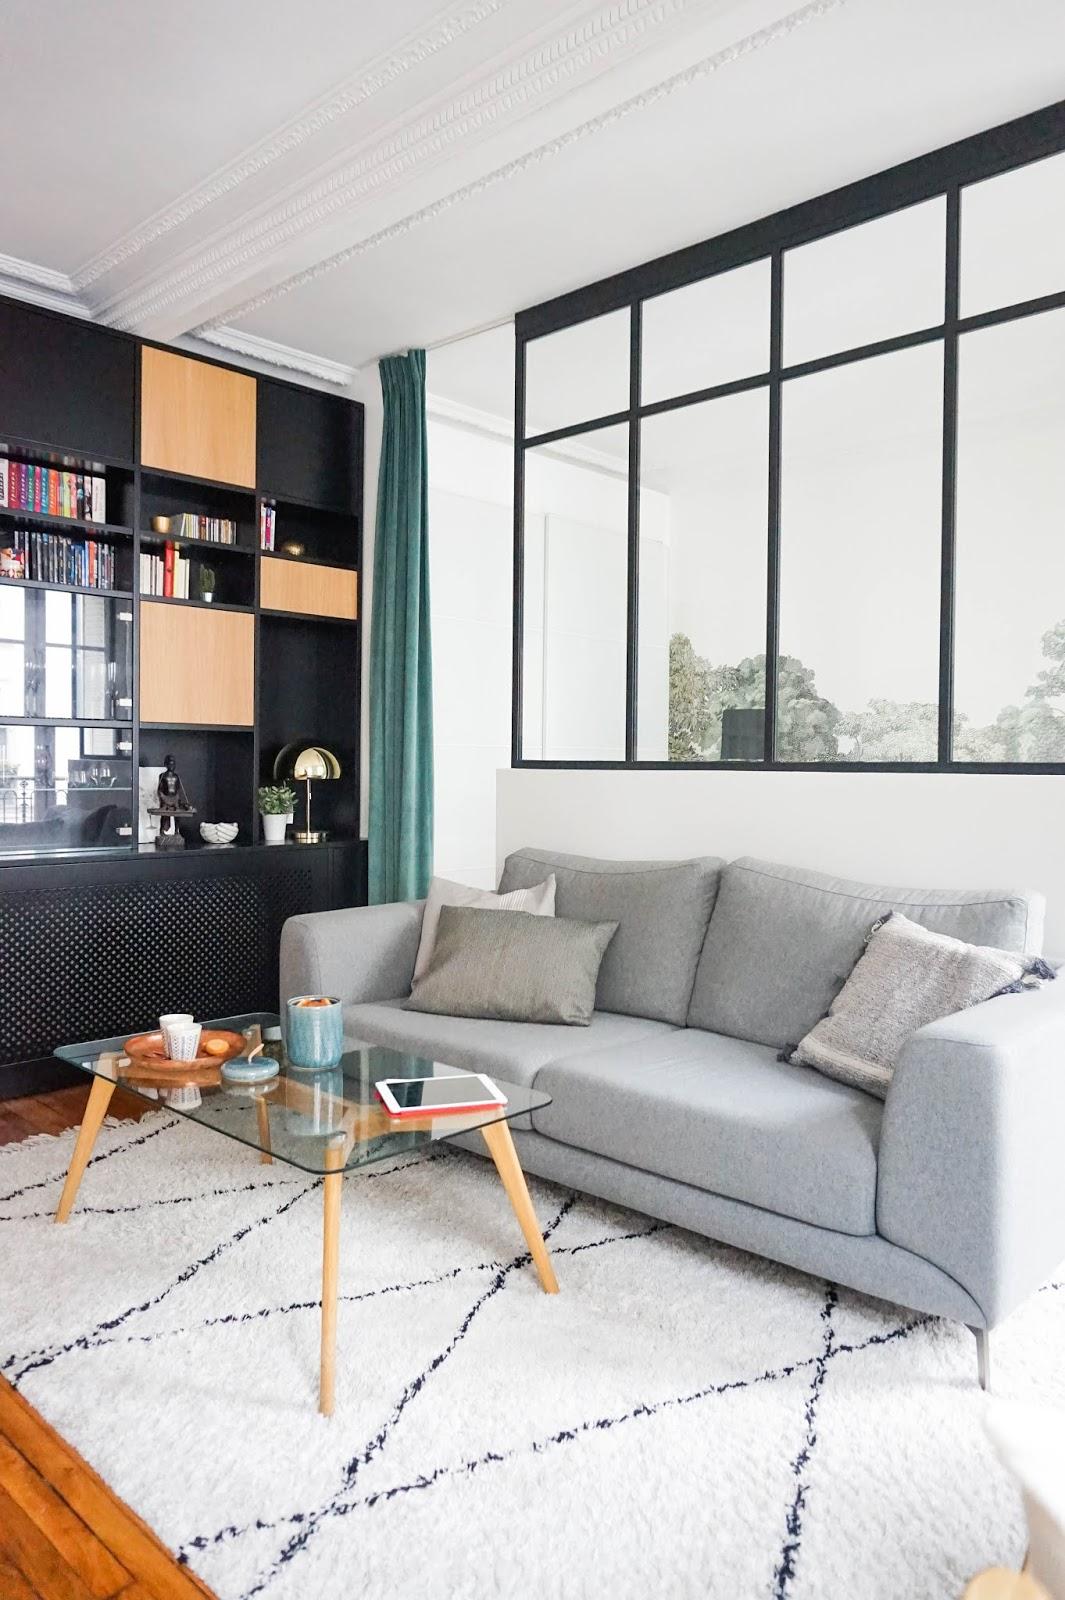 Separer Une Chambre D Un Salon adc l'atelier d'à côté : aménagement intérieur, design d